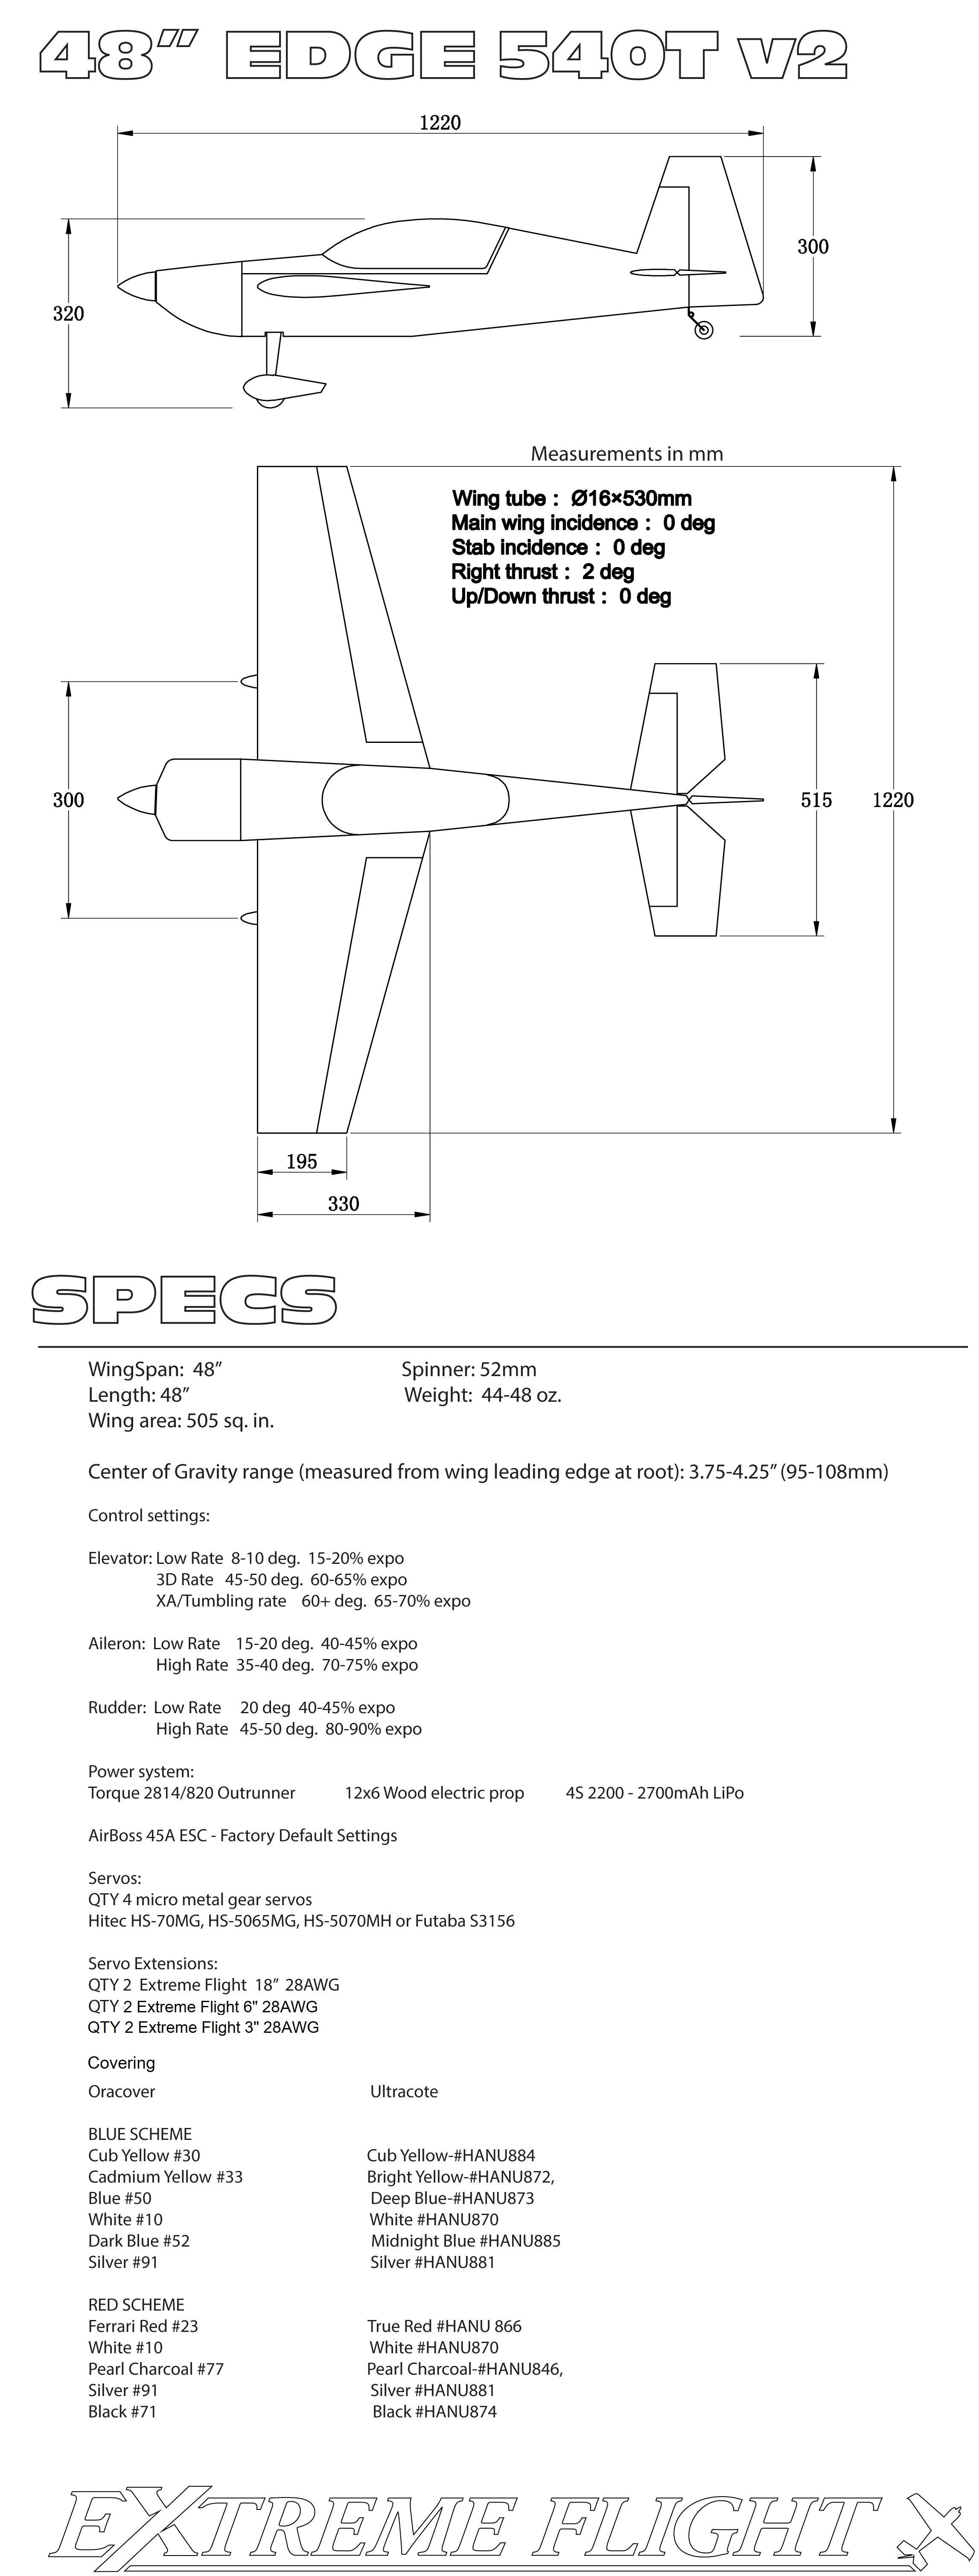 Edge 540T Spec